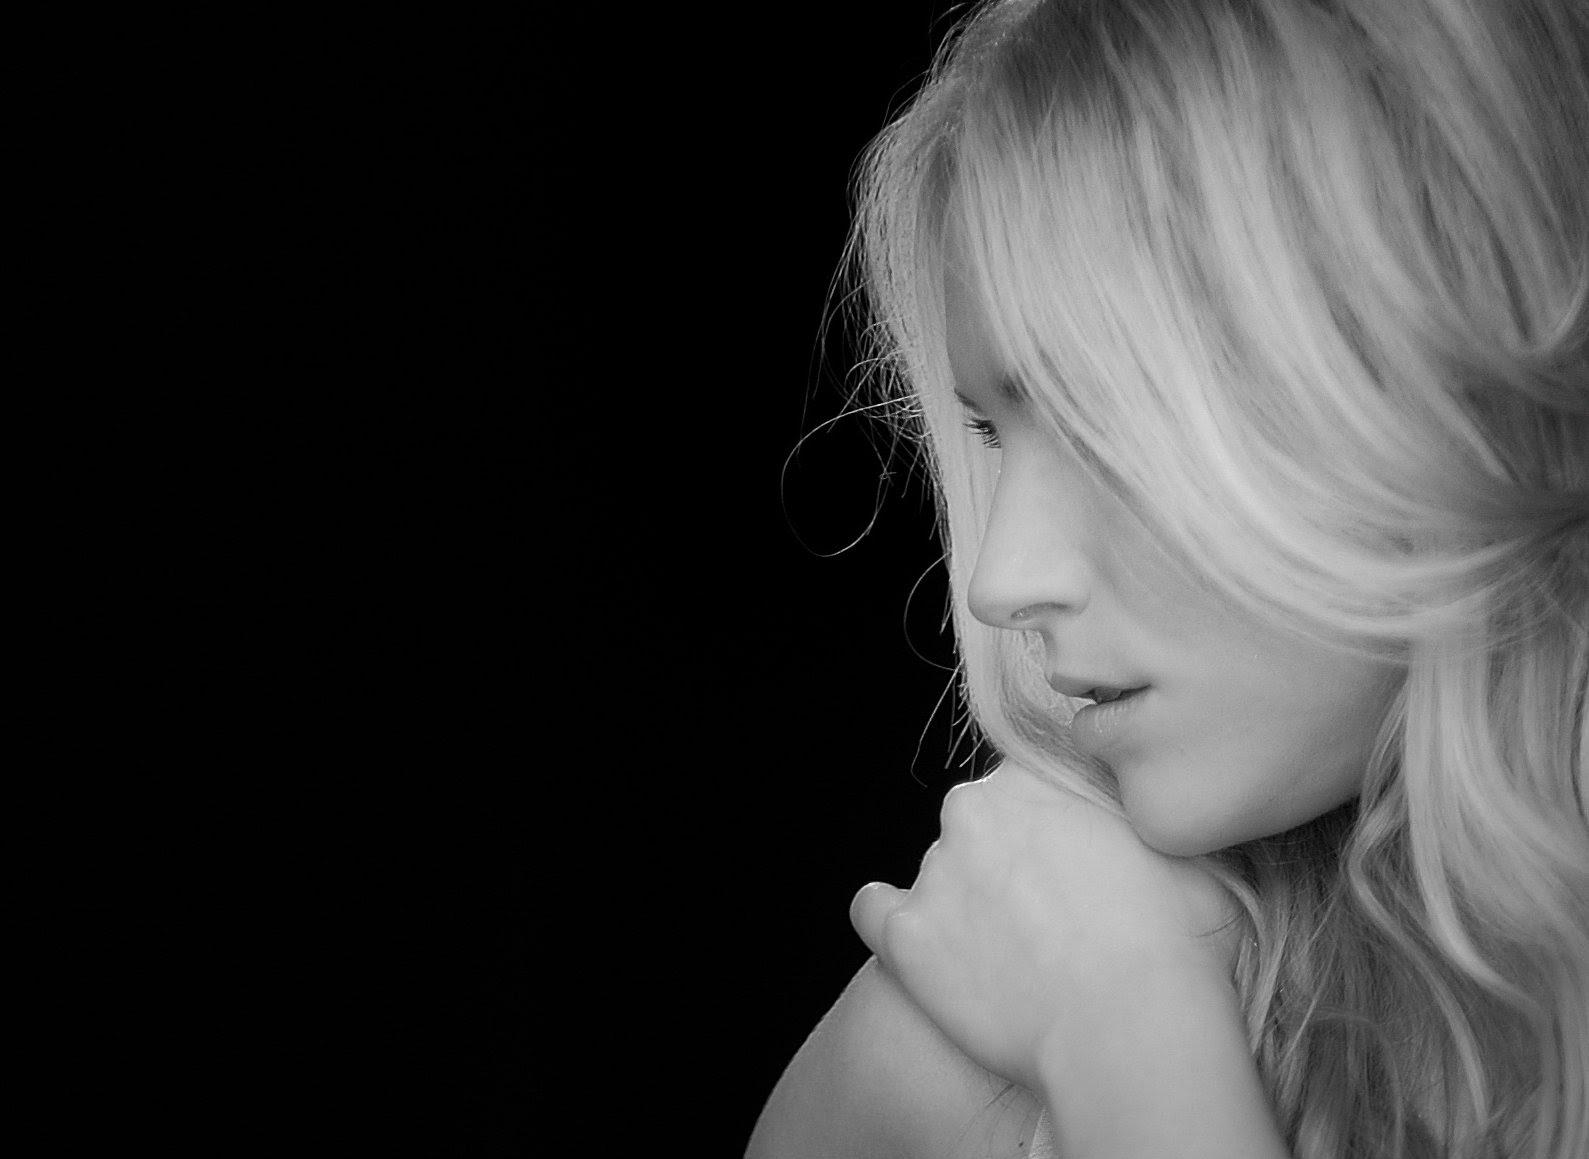 フリー画像 人物写真 女性ポートレイト 白人女性 横顔 モノクロ写真